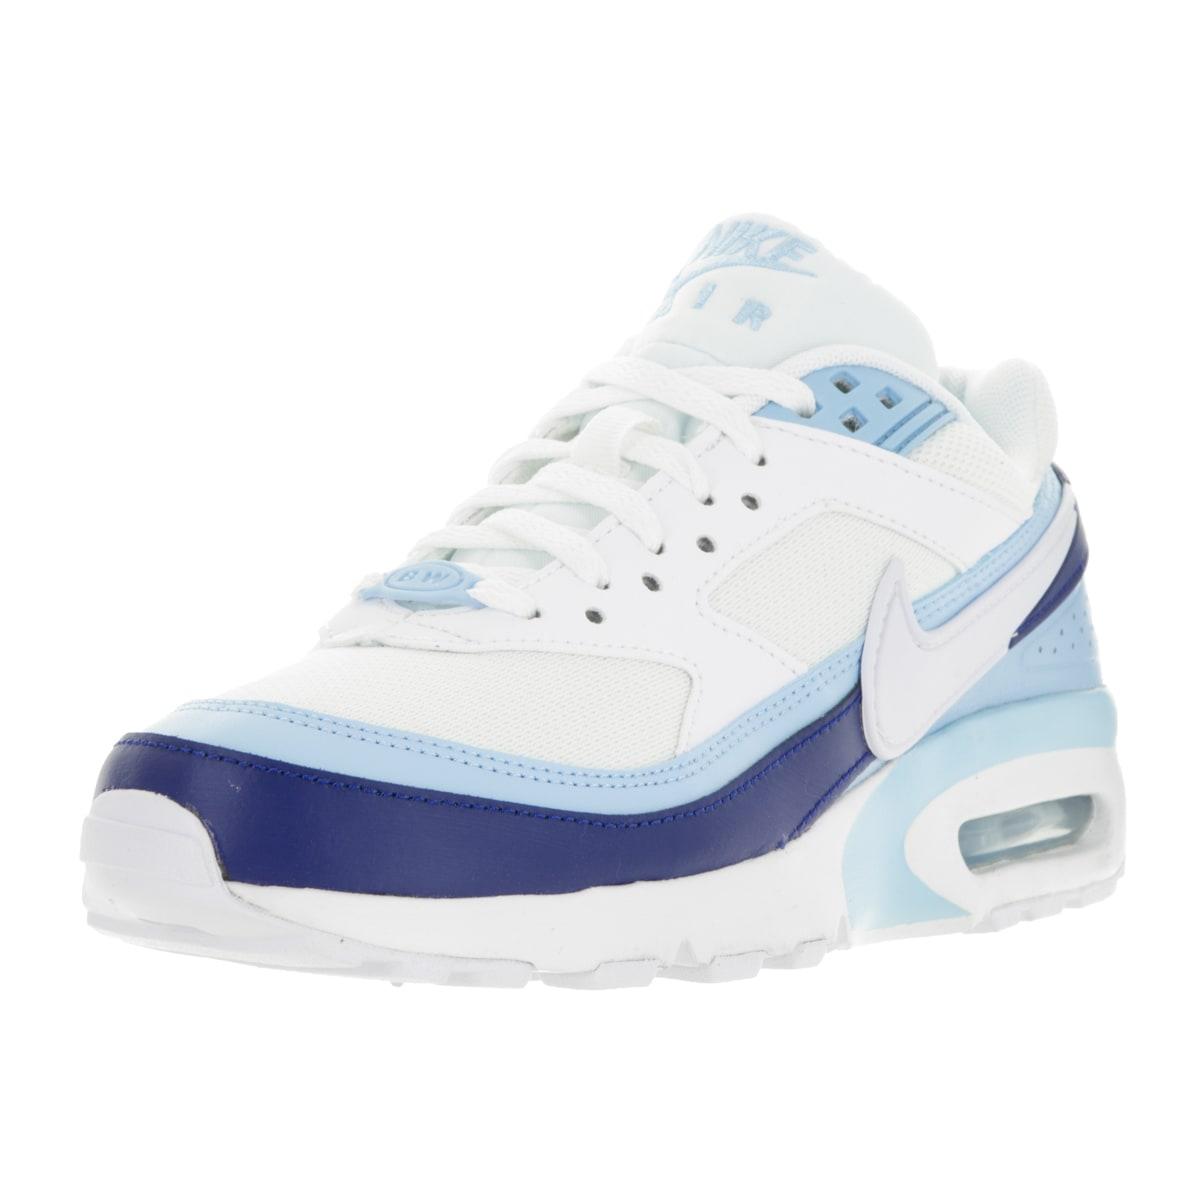 nike air max bw gs scarpe da ginnastica